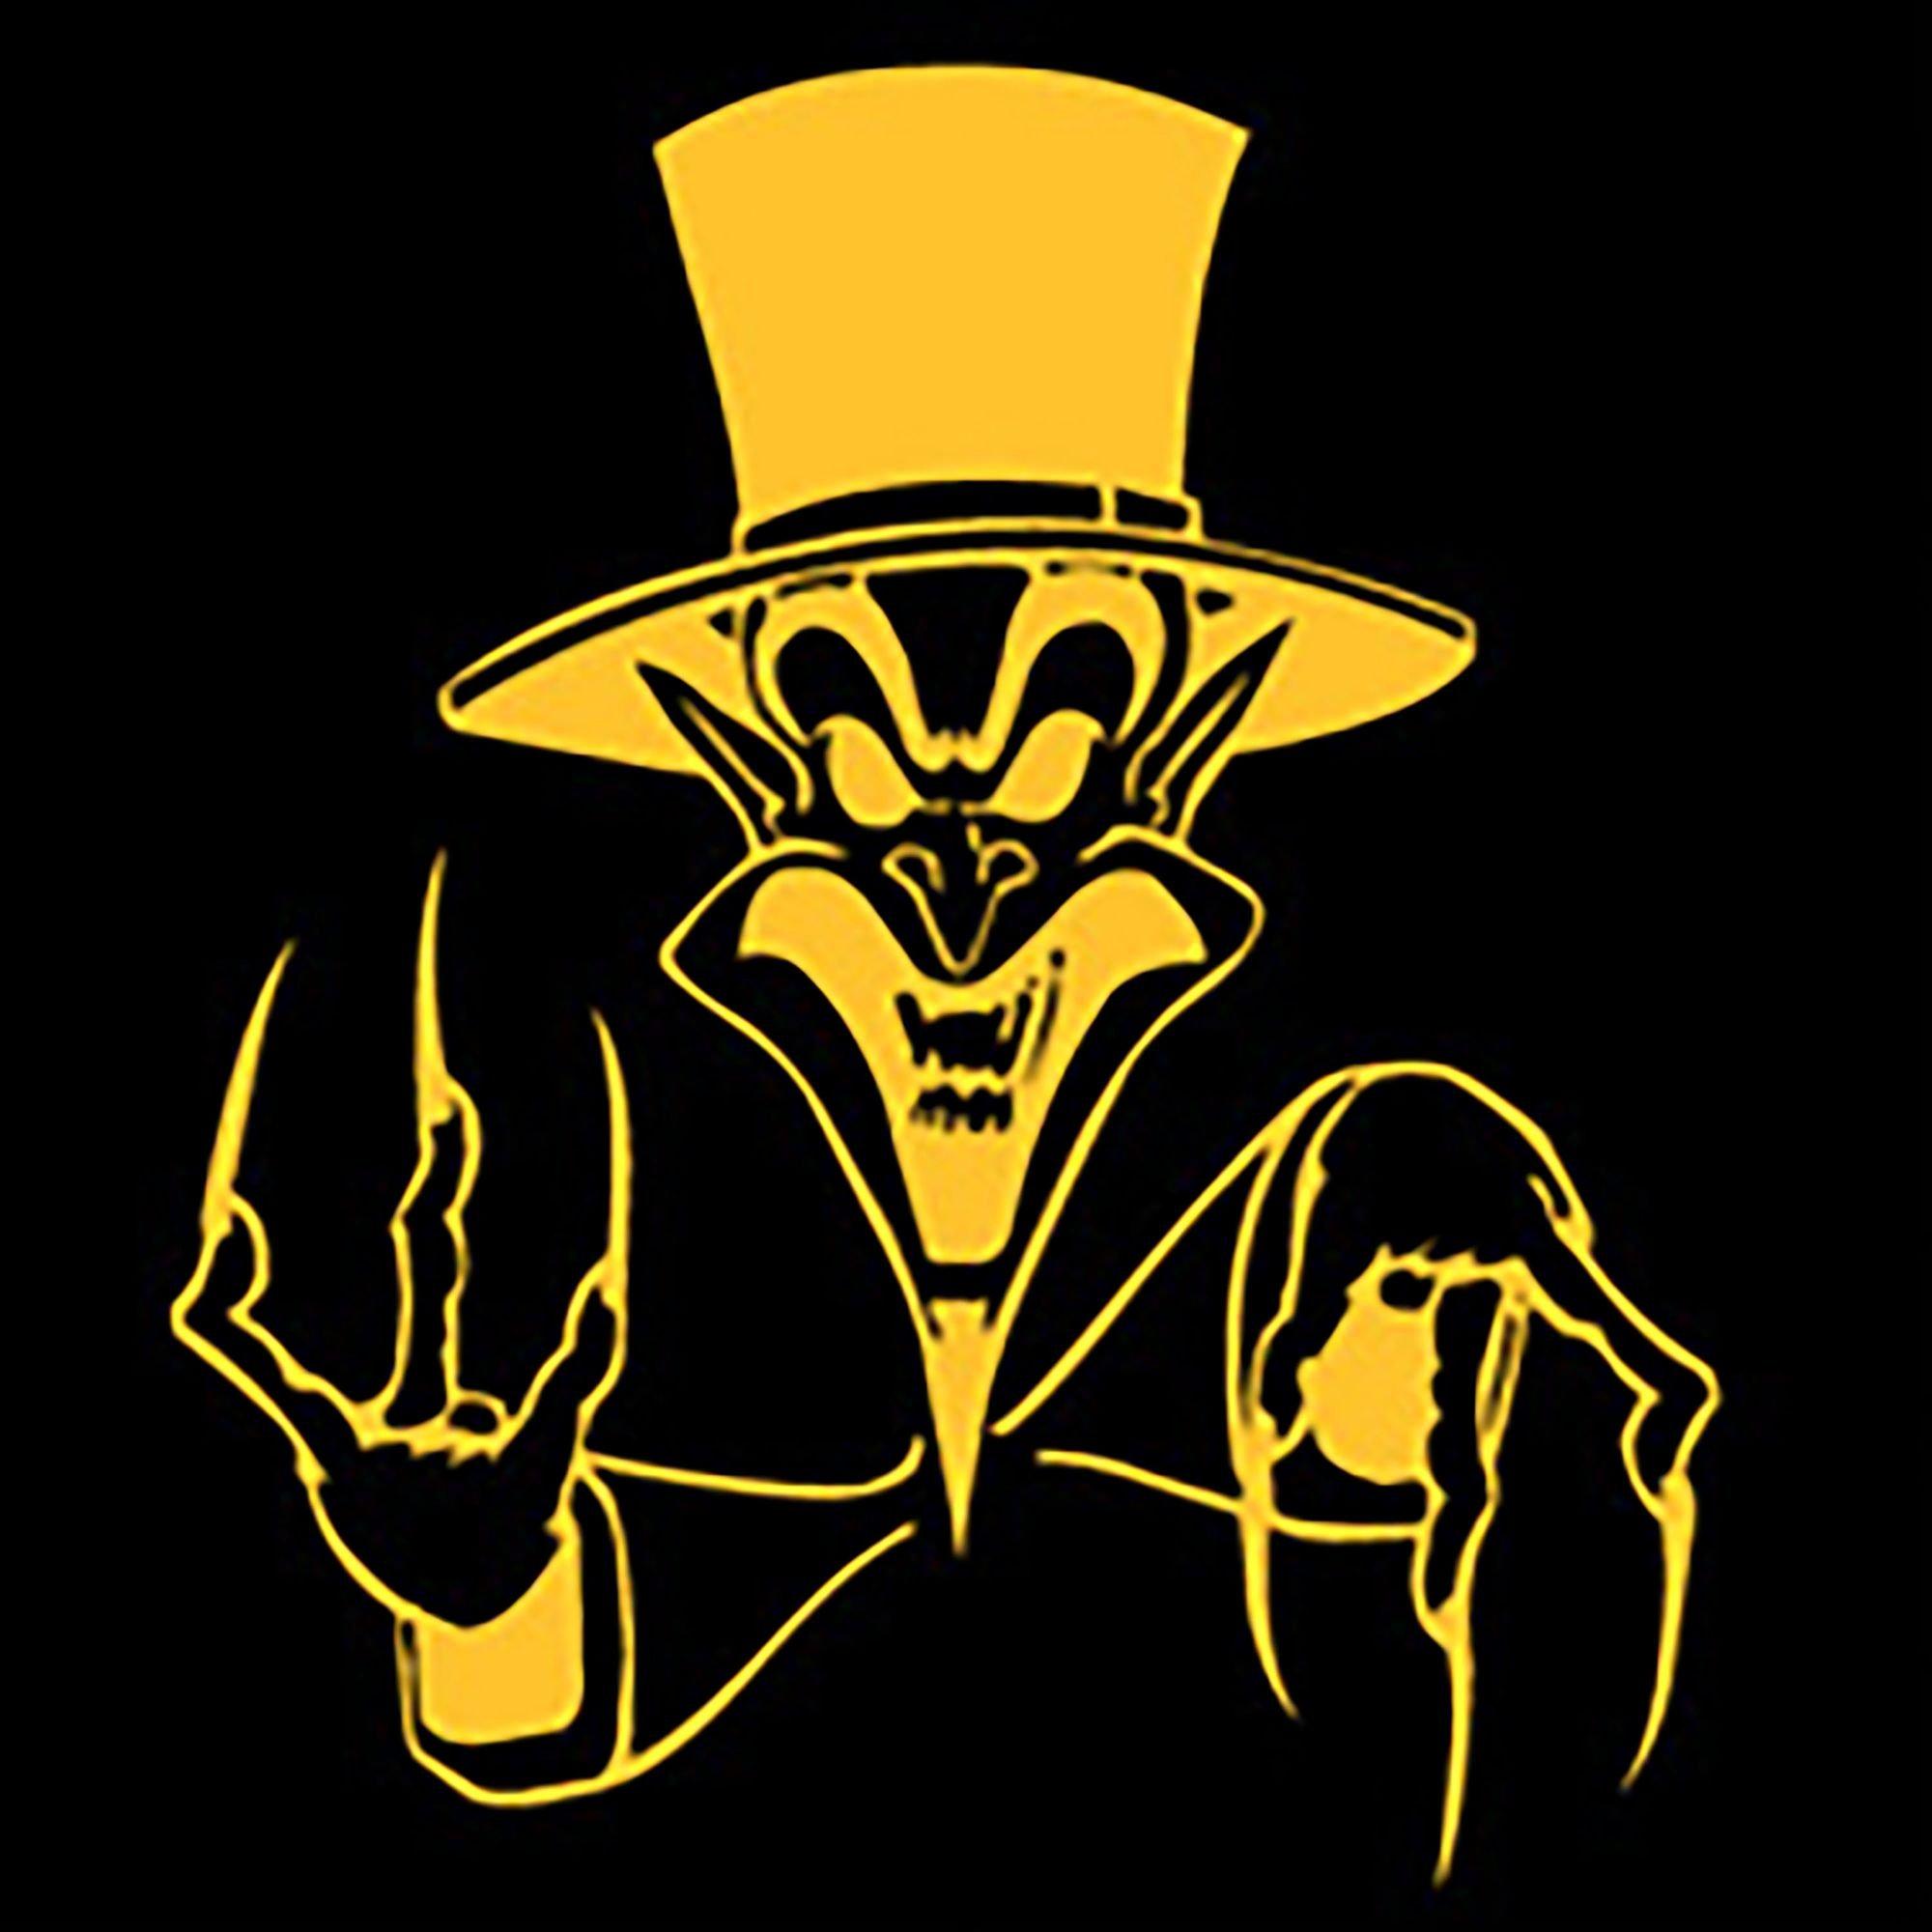 Vinilo : Insane Clown Posse - Ringmaster (LP Vinyl)